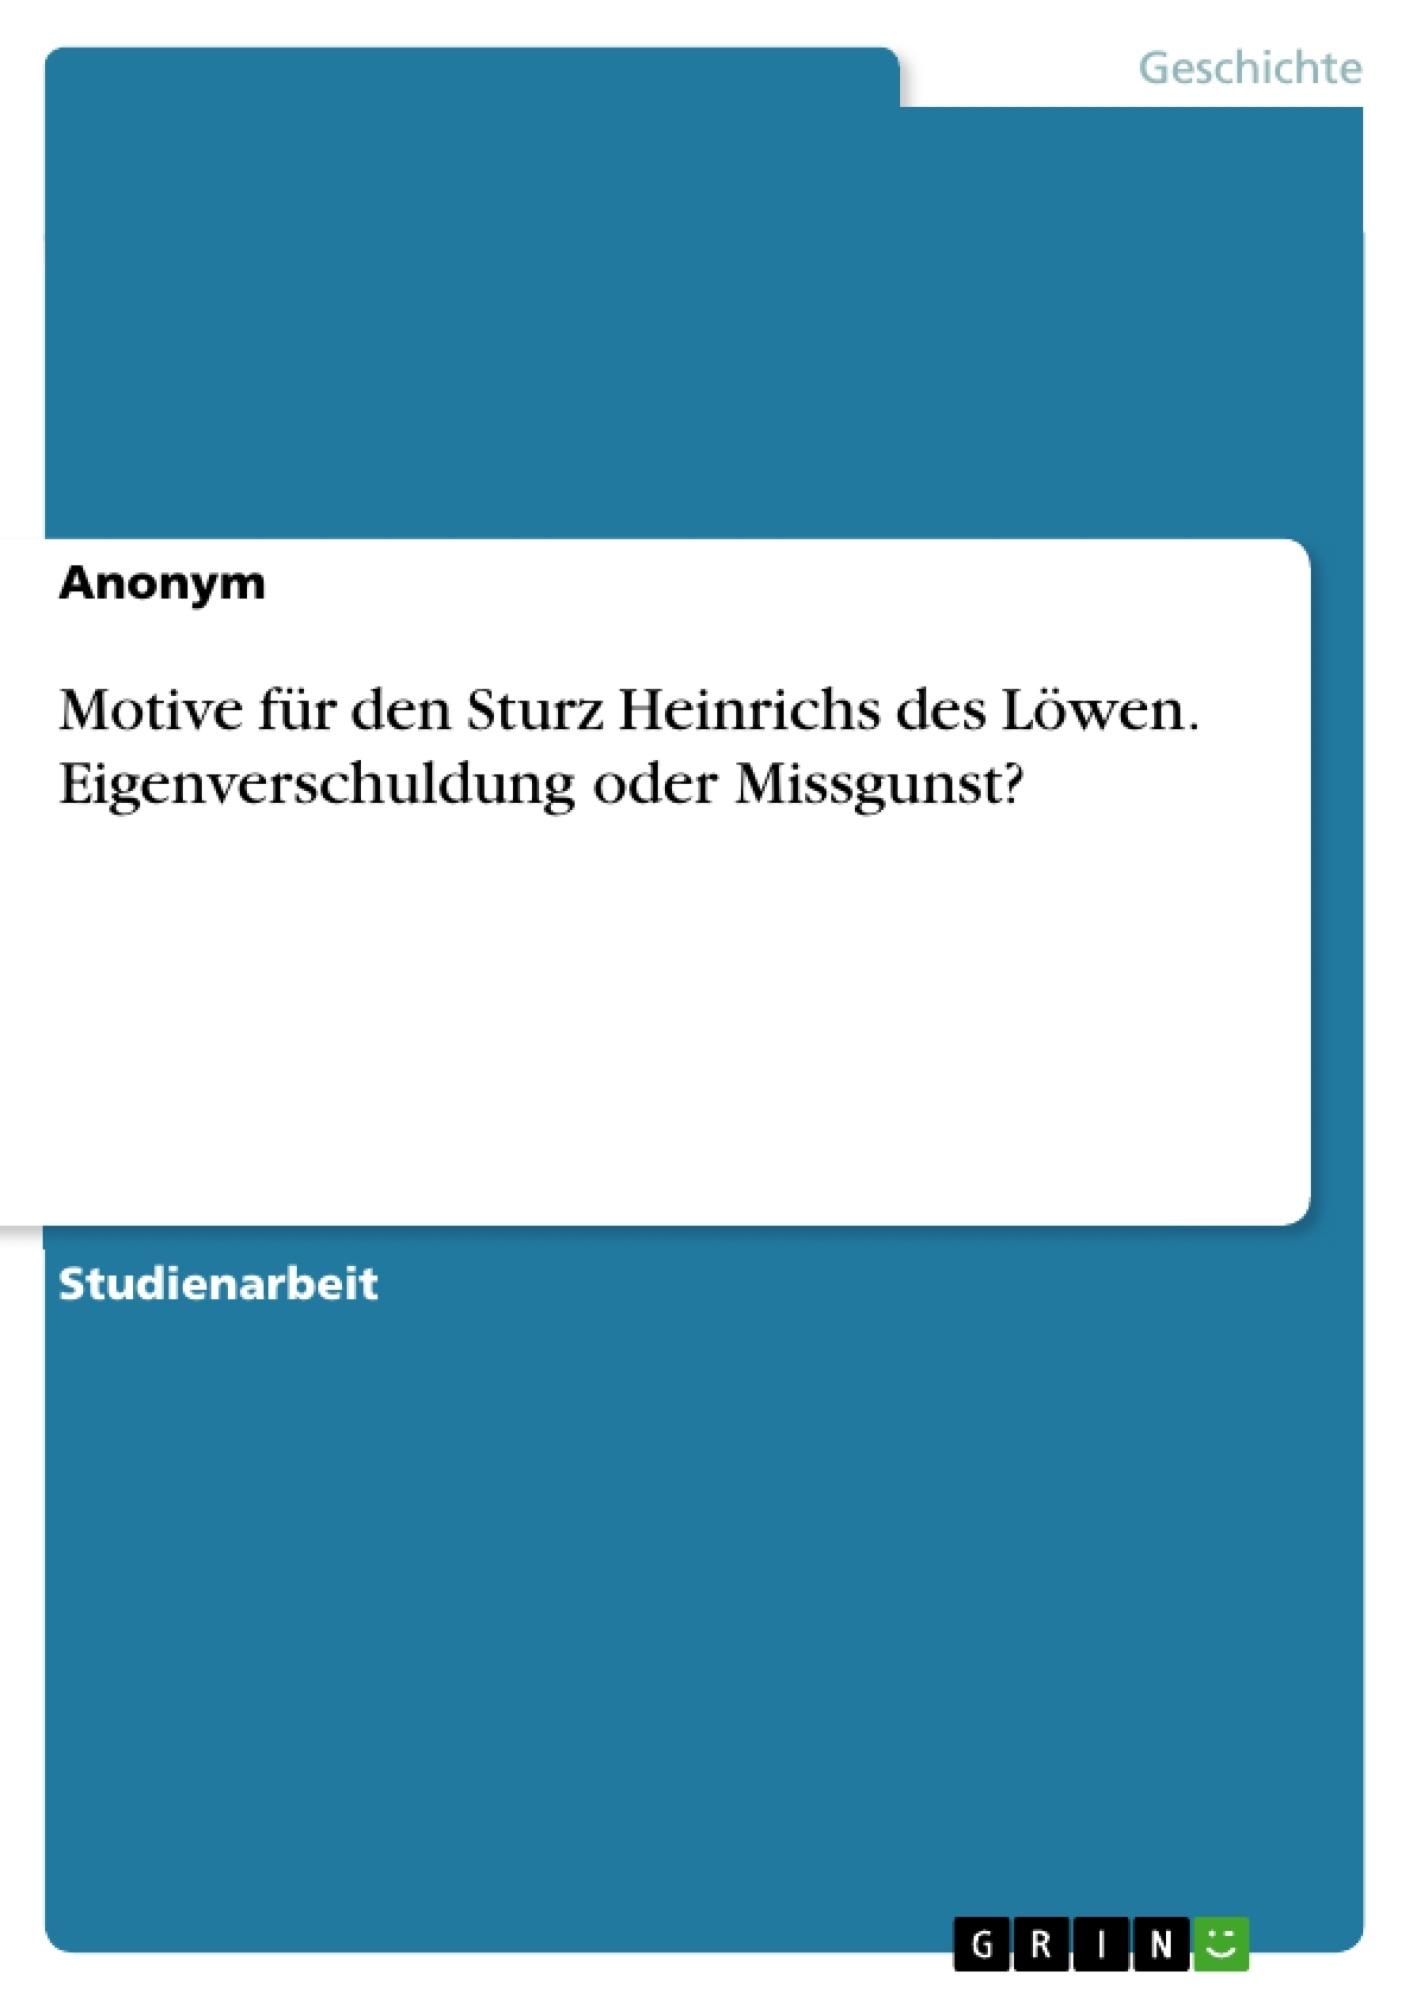 Titel: Motive für den Sturz Heinrichs des Löwen. Eigenverschuldung oder Missgunst?